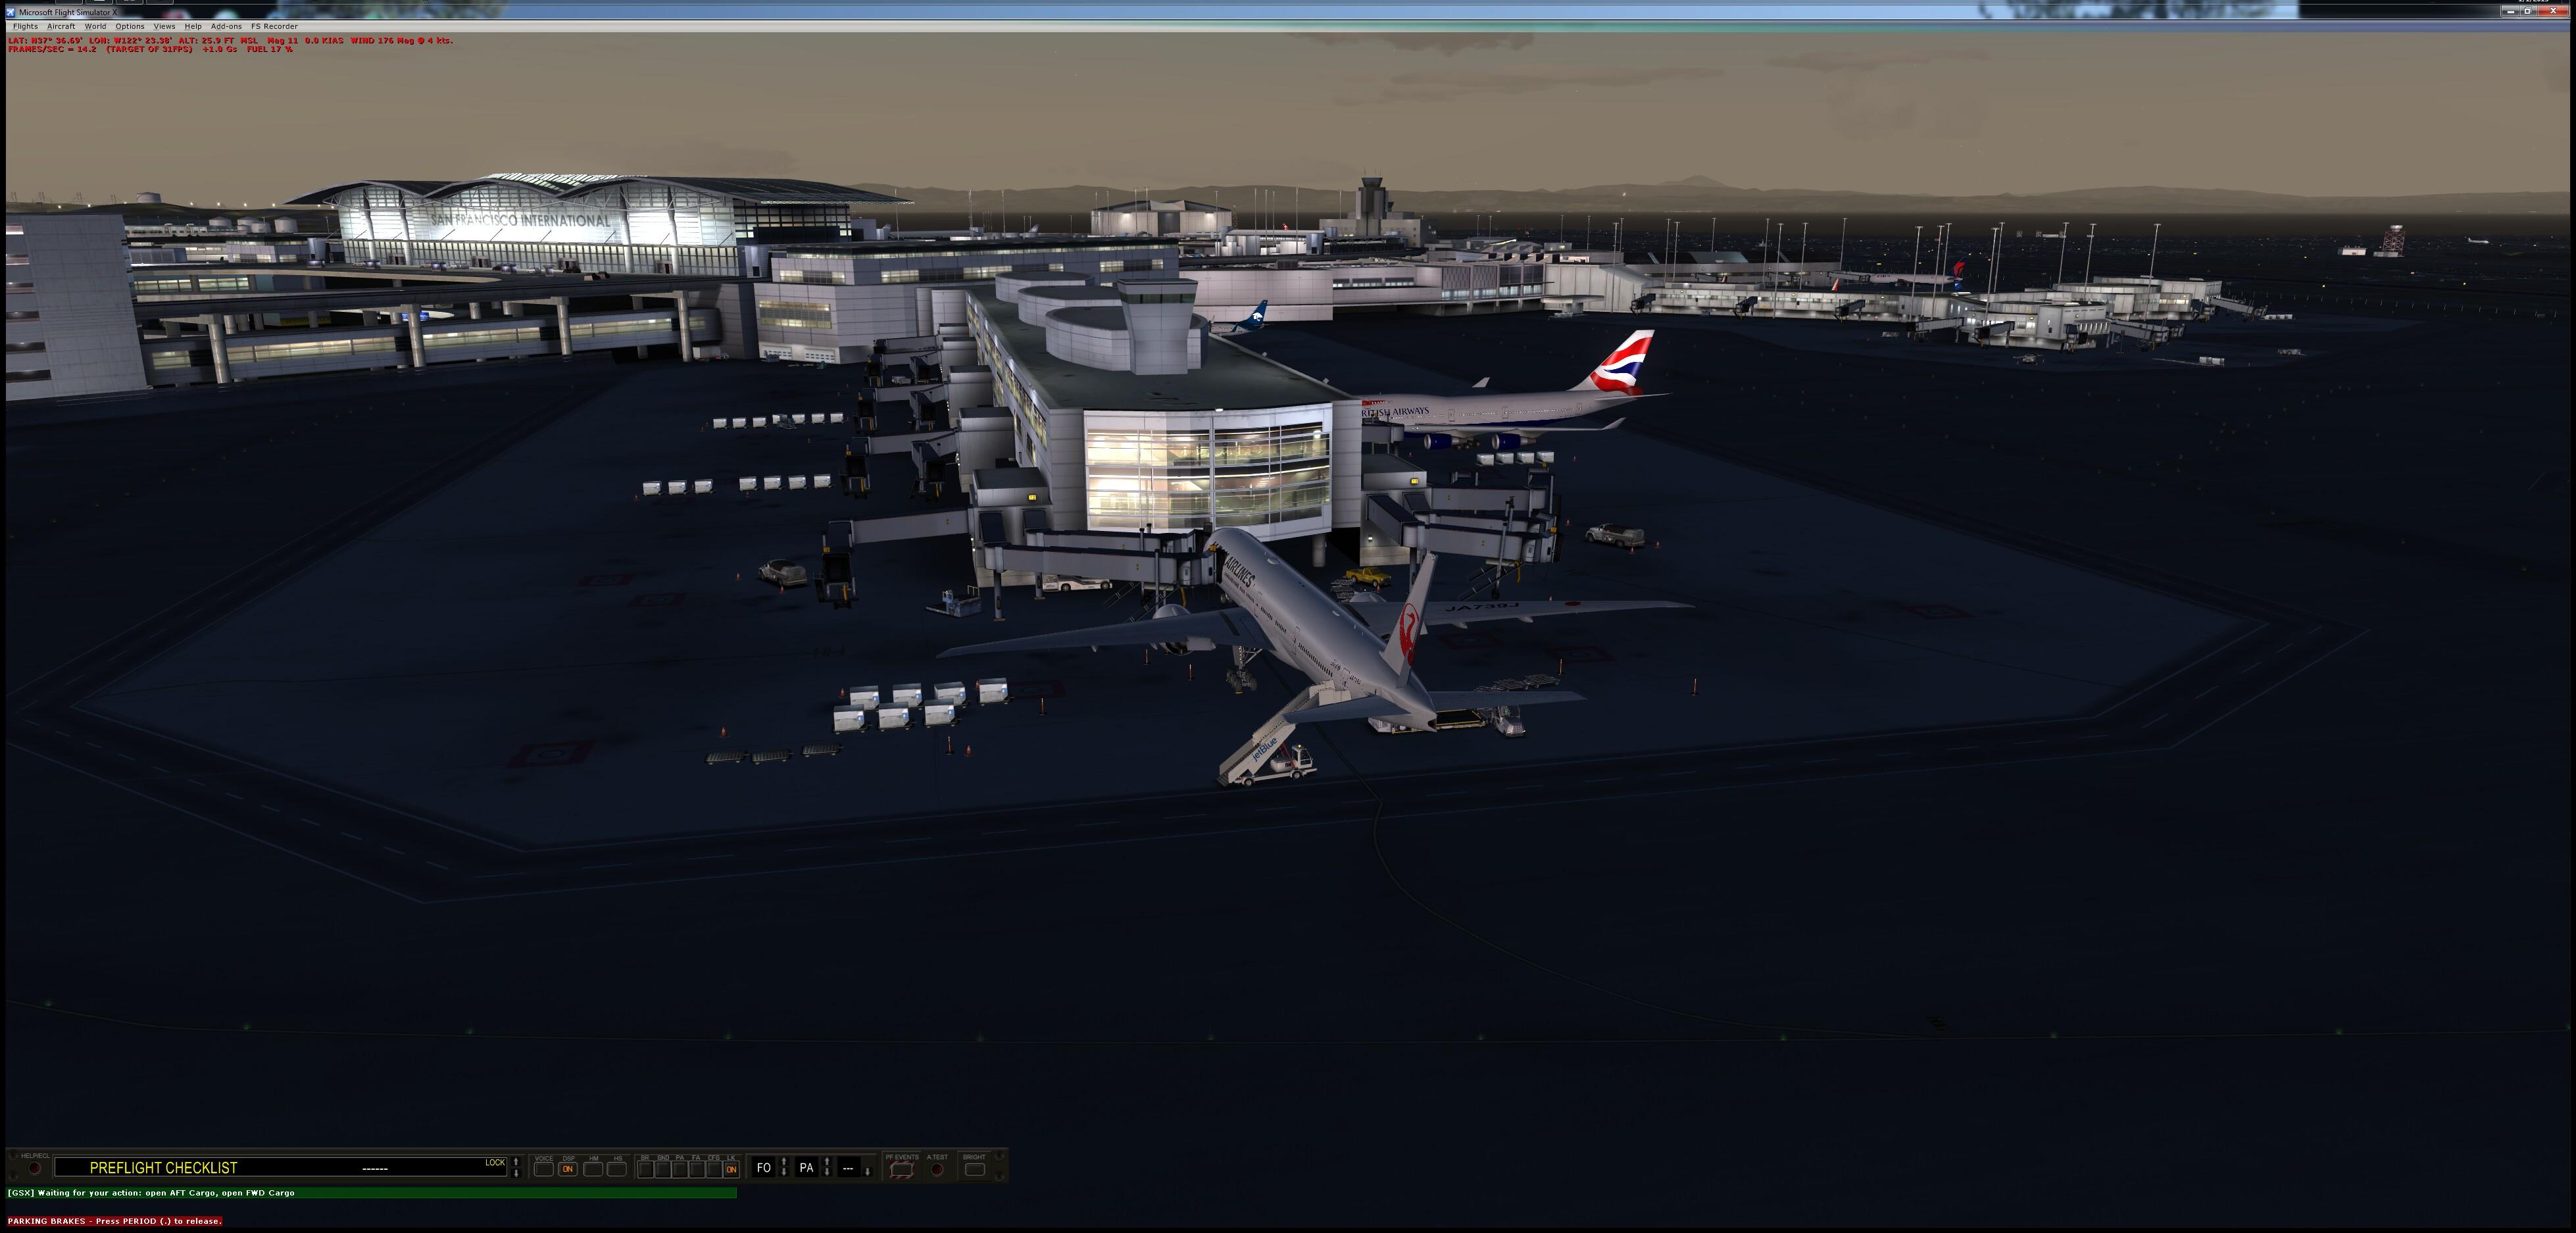 ScreenshotsRJTT-KSFO-46.jpg